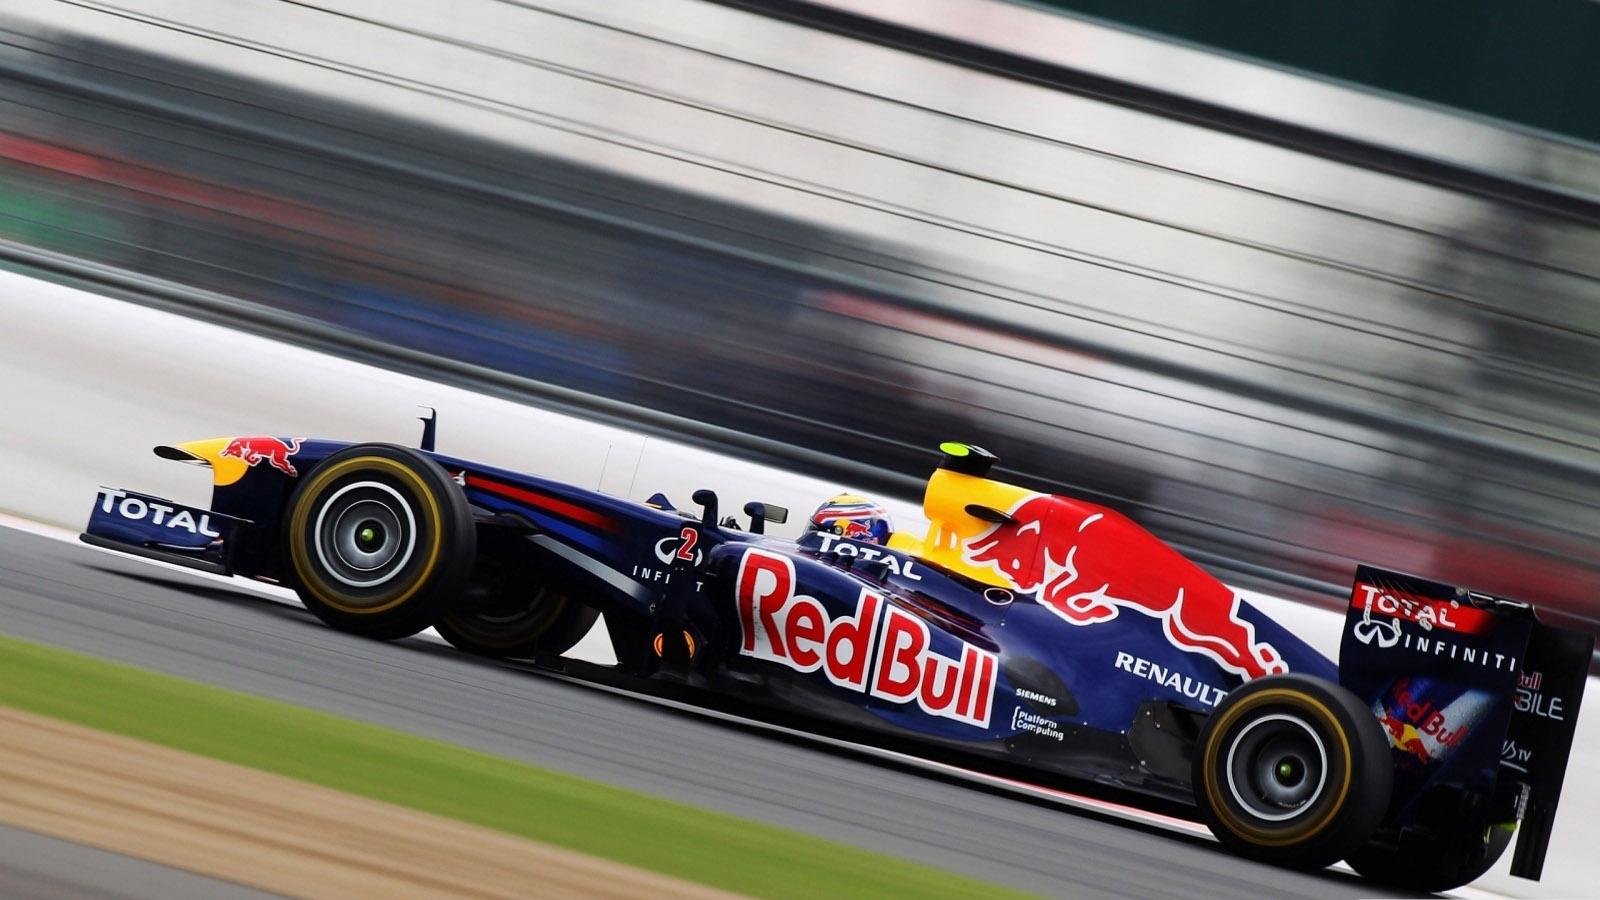 http://1.bp.blogspot.com/-C9JF8aKbfpY/UOTLKL56QDI/AAAAAAAAJZc/eu5S69jyb5g/s1600/Red_Bull_Formula_1_Racing_Car_Renault_2013_Hd_Desktop_Wallpaper_citiesandteams.blogspot.com.jpg